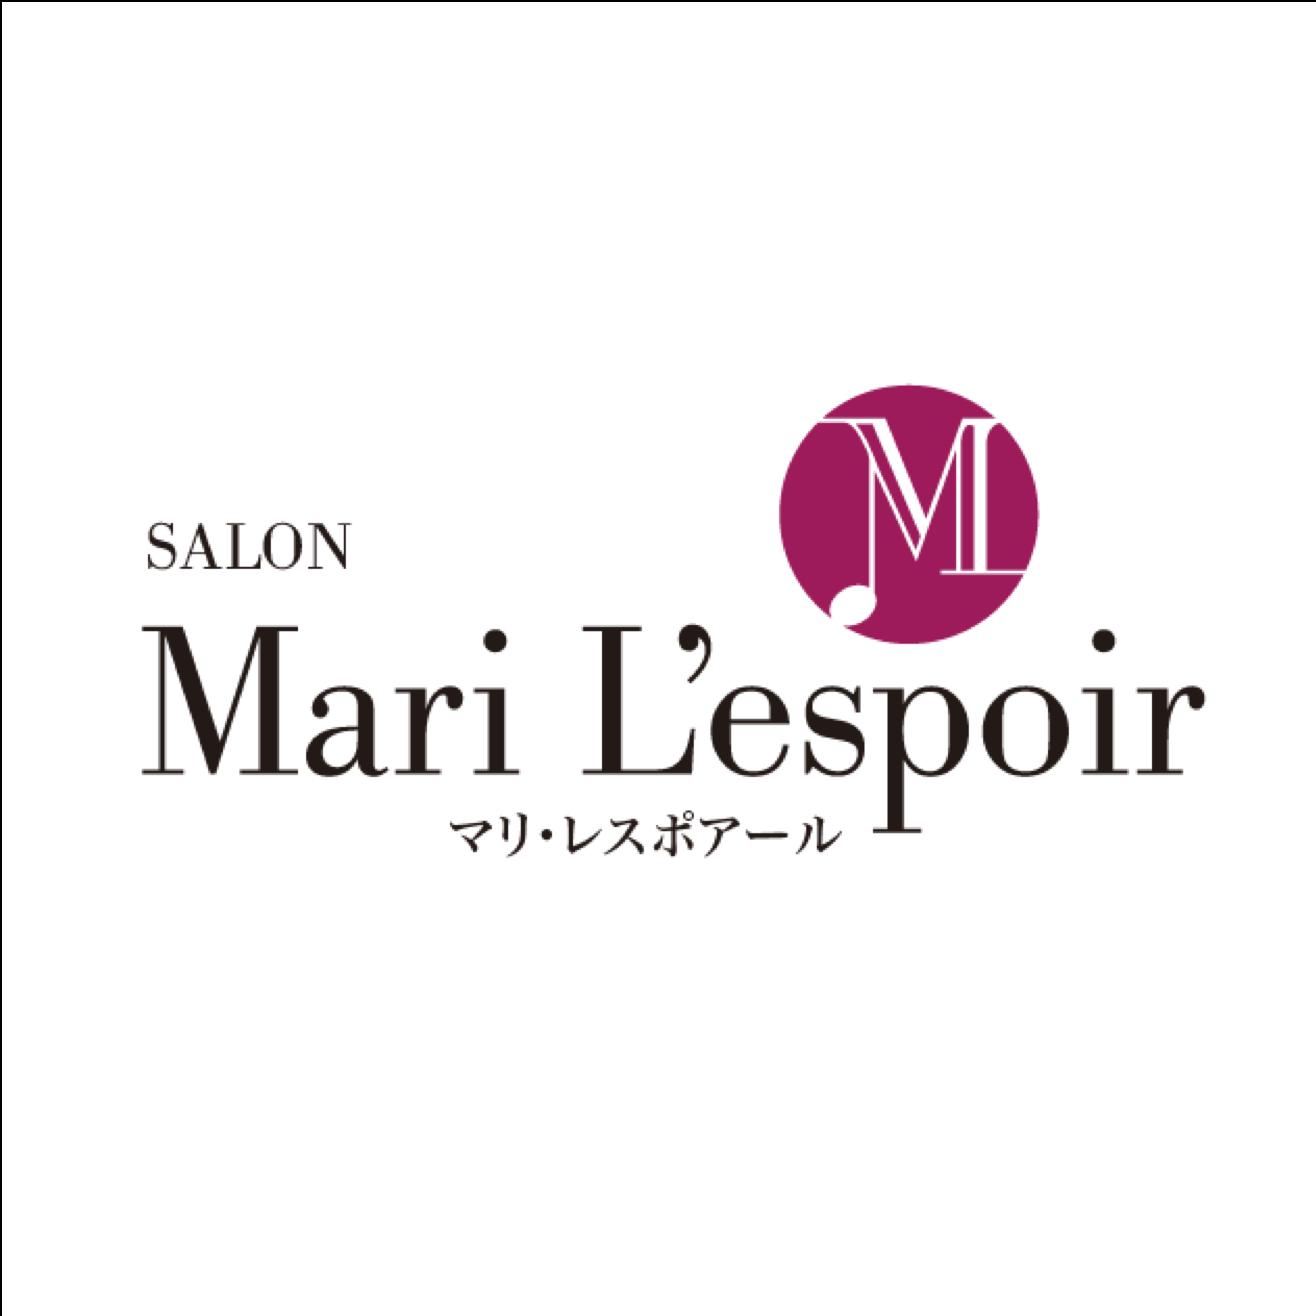 マリ・レスポアール ロゴデザイン